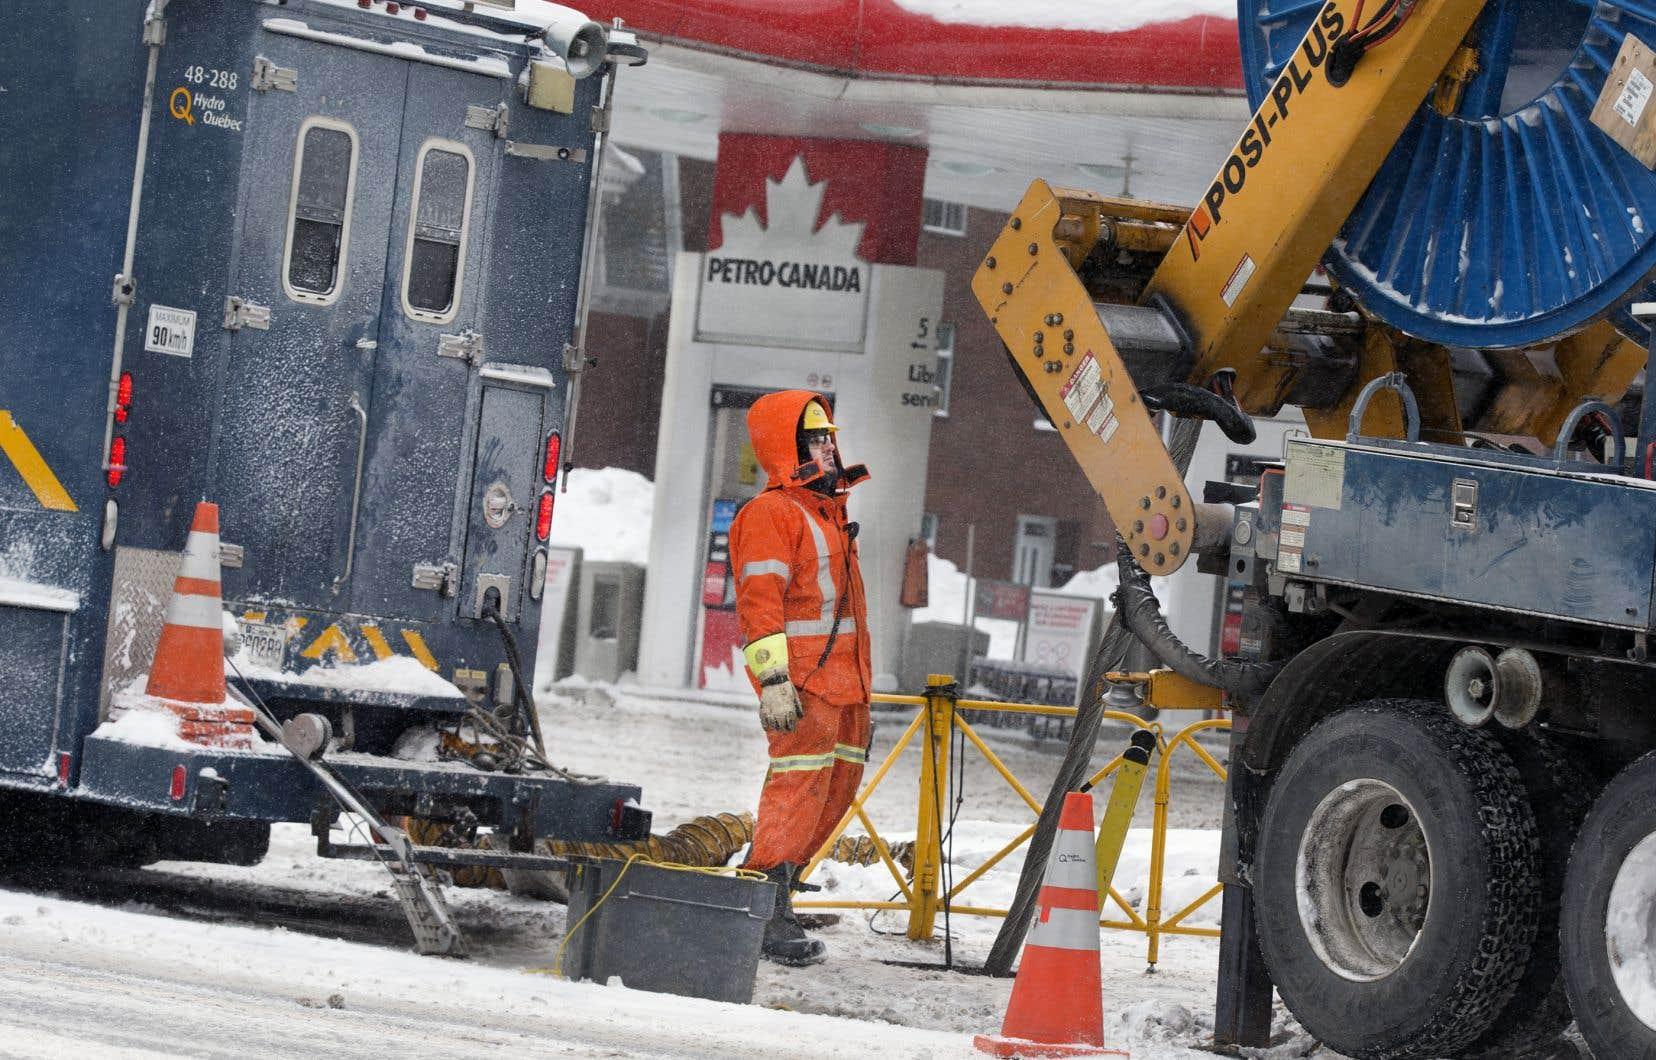 Un employé d'Hydro-Québec pendant la tempête, vendredi, à Montréal